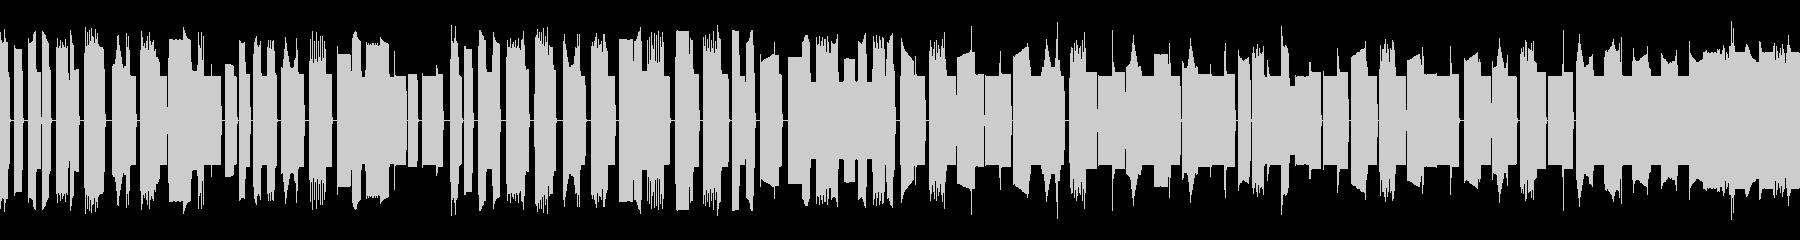 昔のファミコン風BGMの未再生の波形